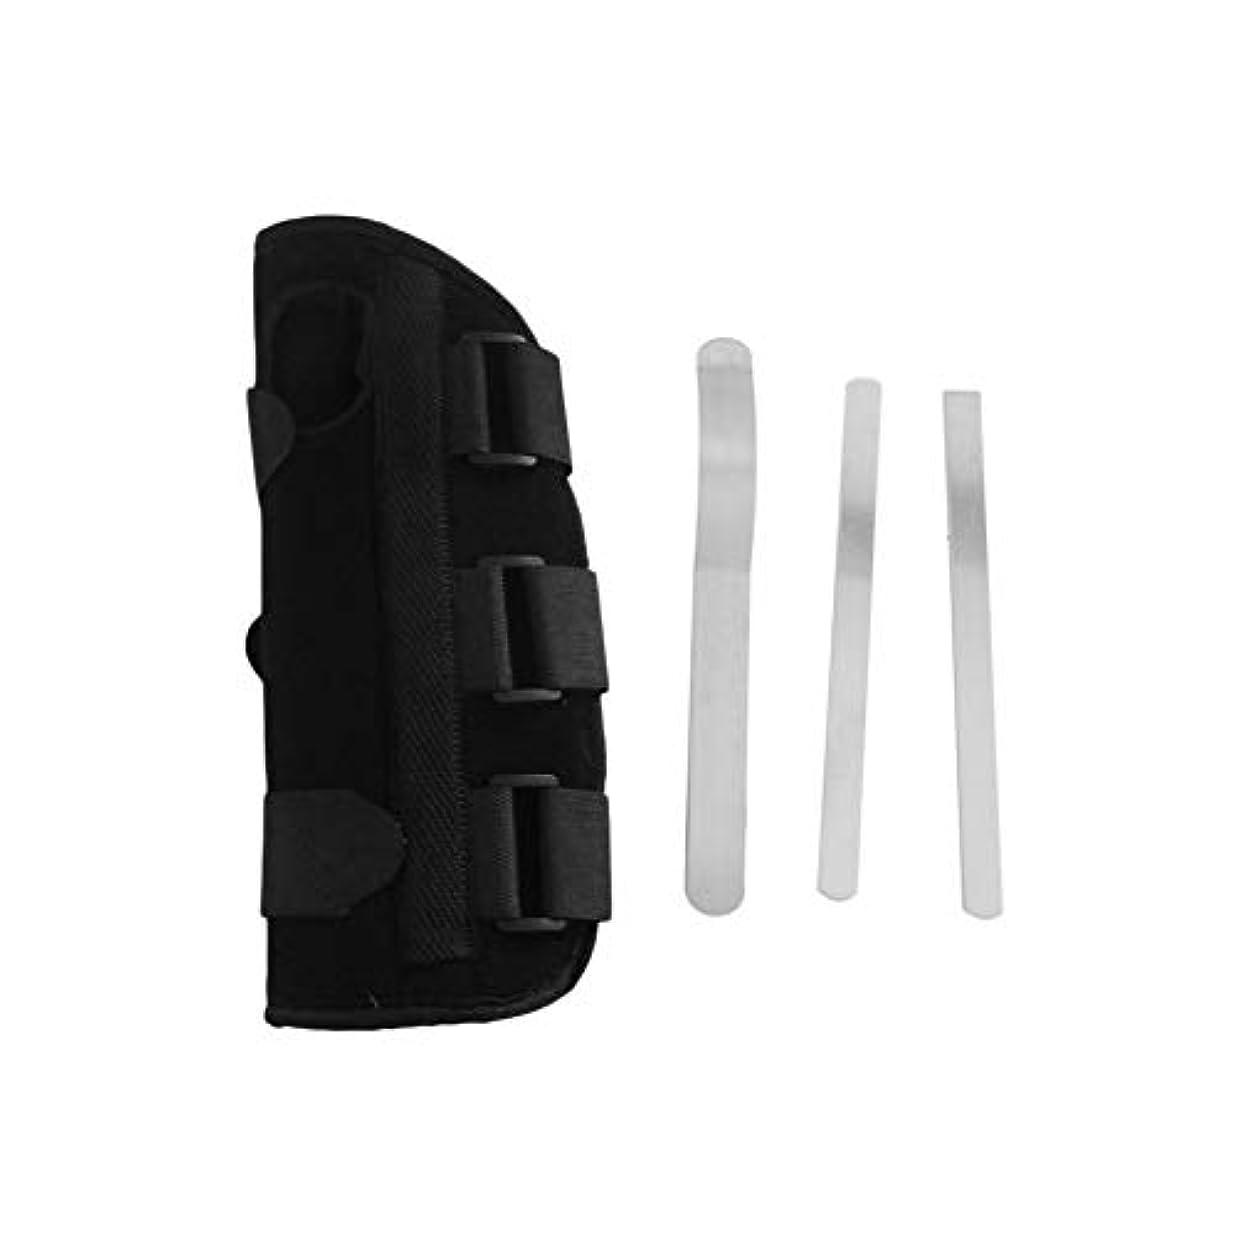 ジェーンオースティンゾーン舗装する手首副木ブレース保護サポートストラップカルペルトンネルCTS RSI痛み軽減取り外し可能な副木快適な軽量ストラップ - ブラックS